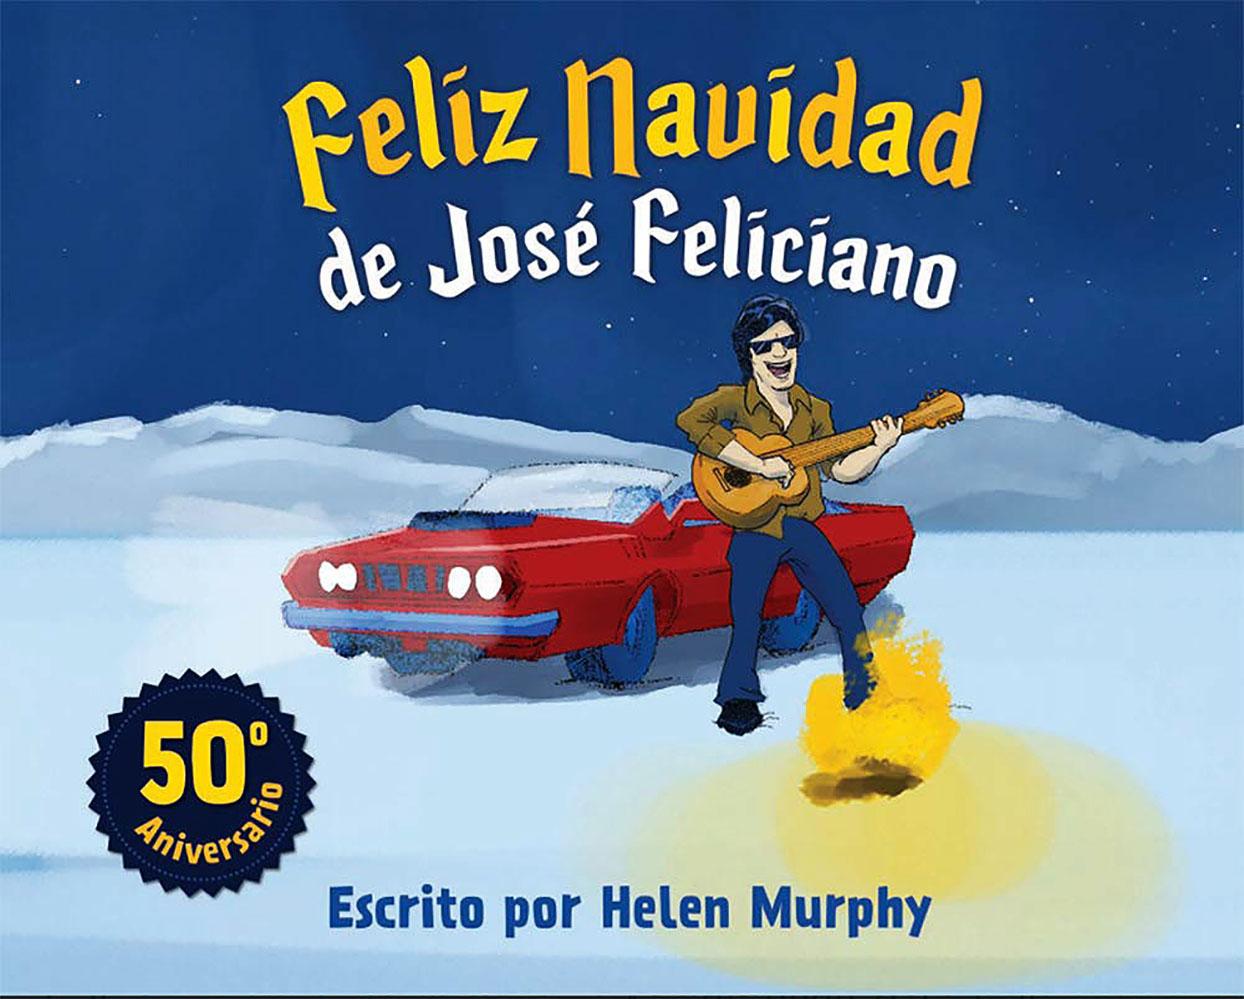 José Feliciano libro Feliz Navidad 2020